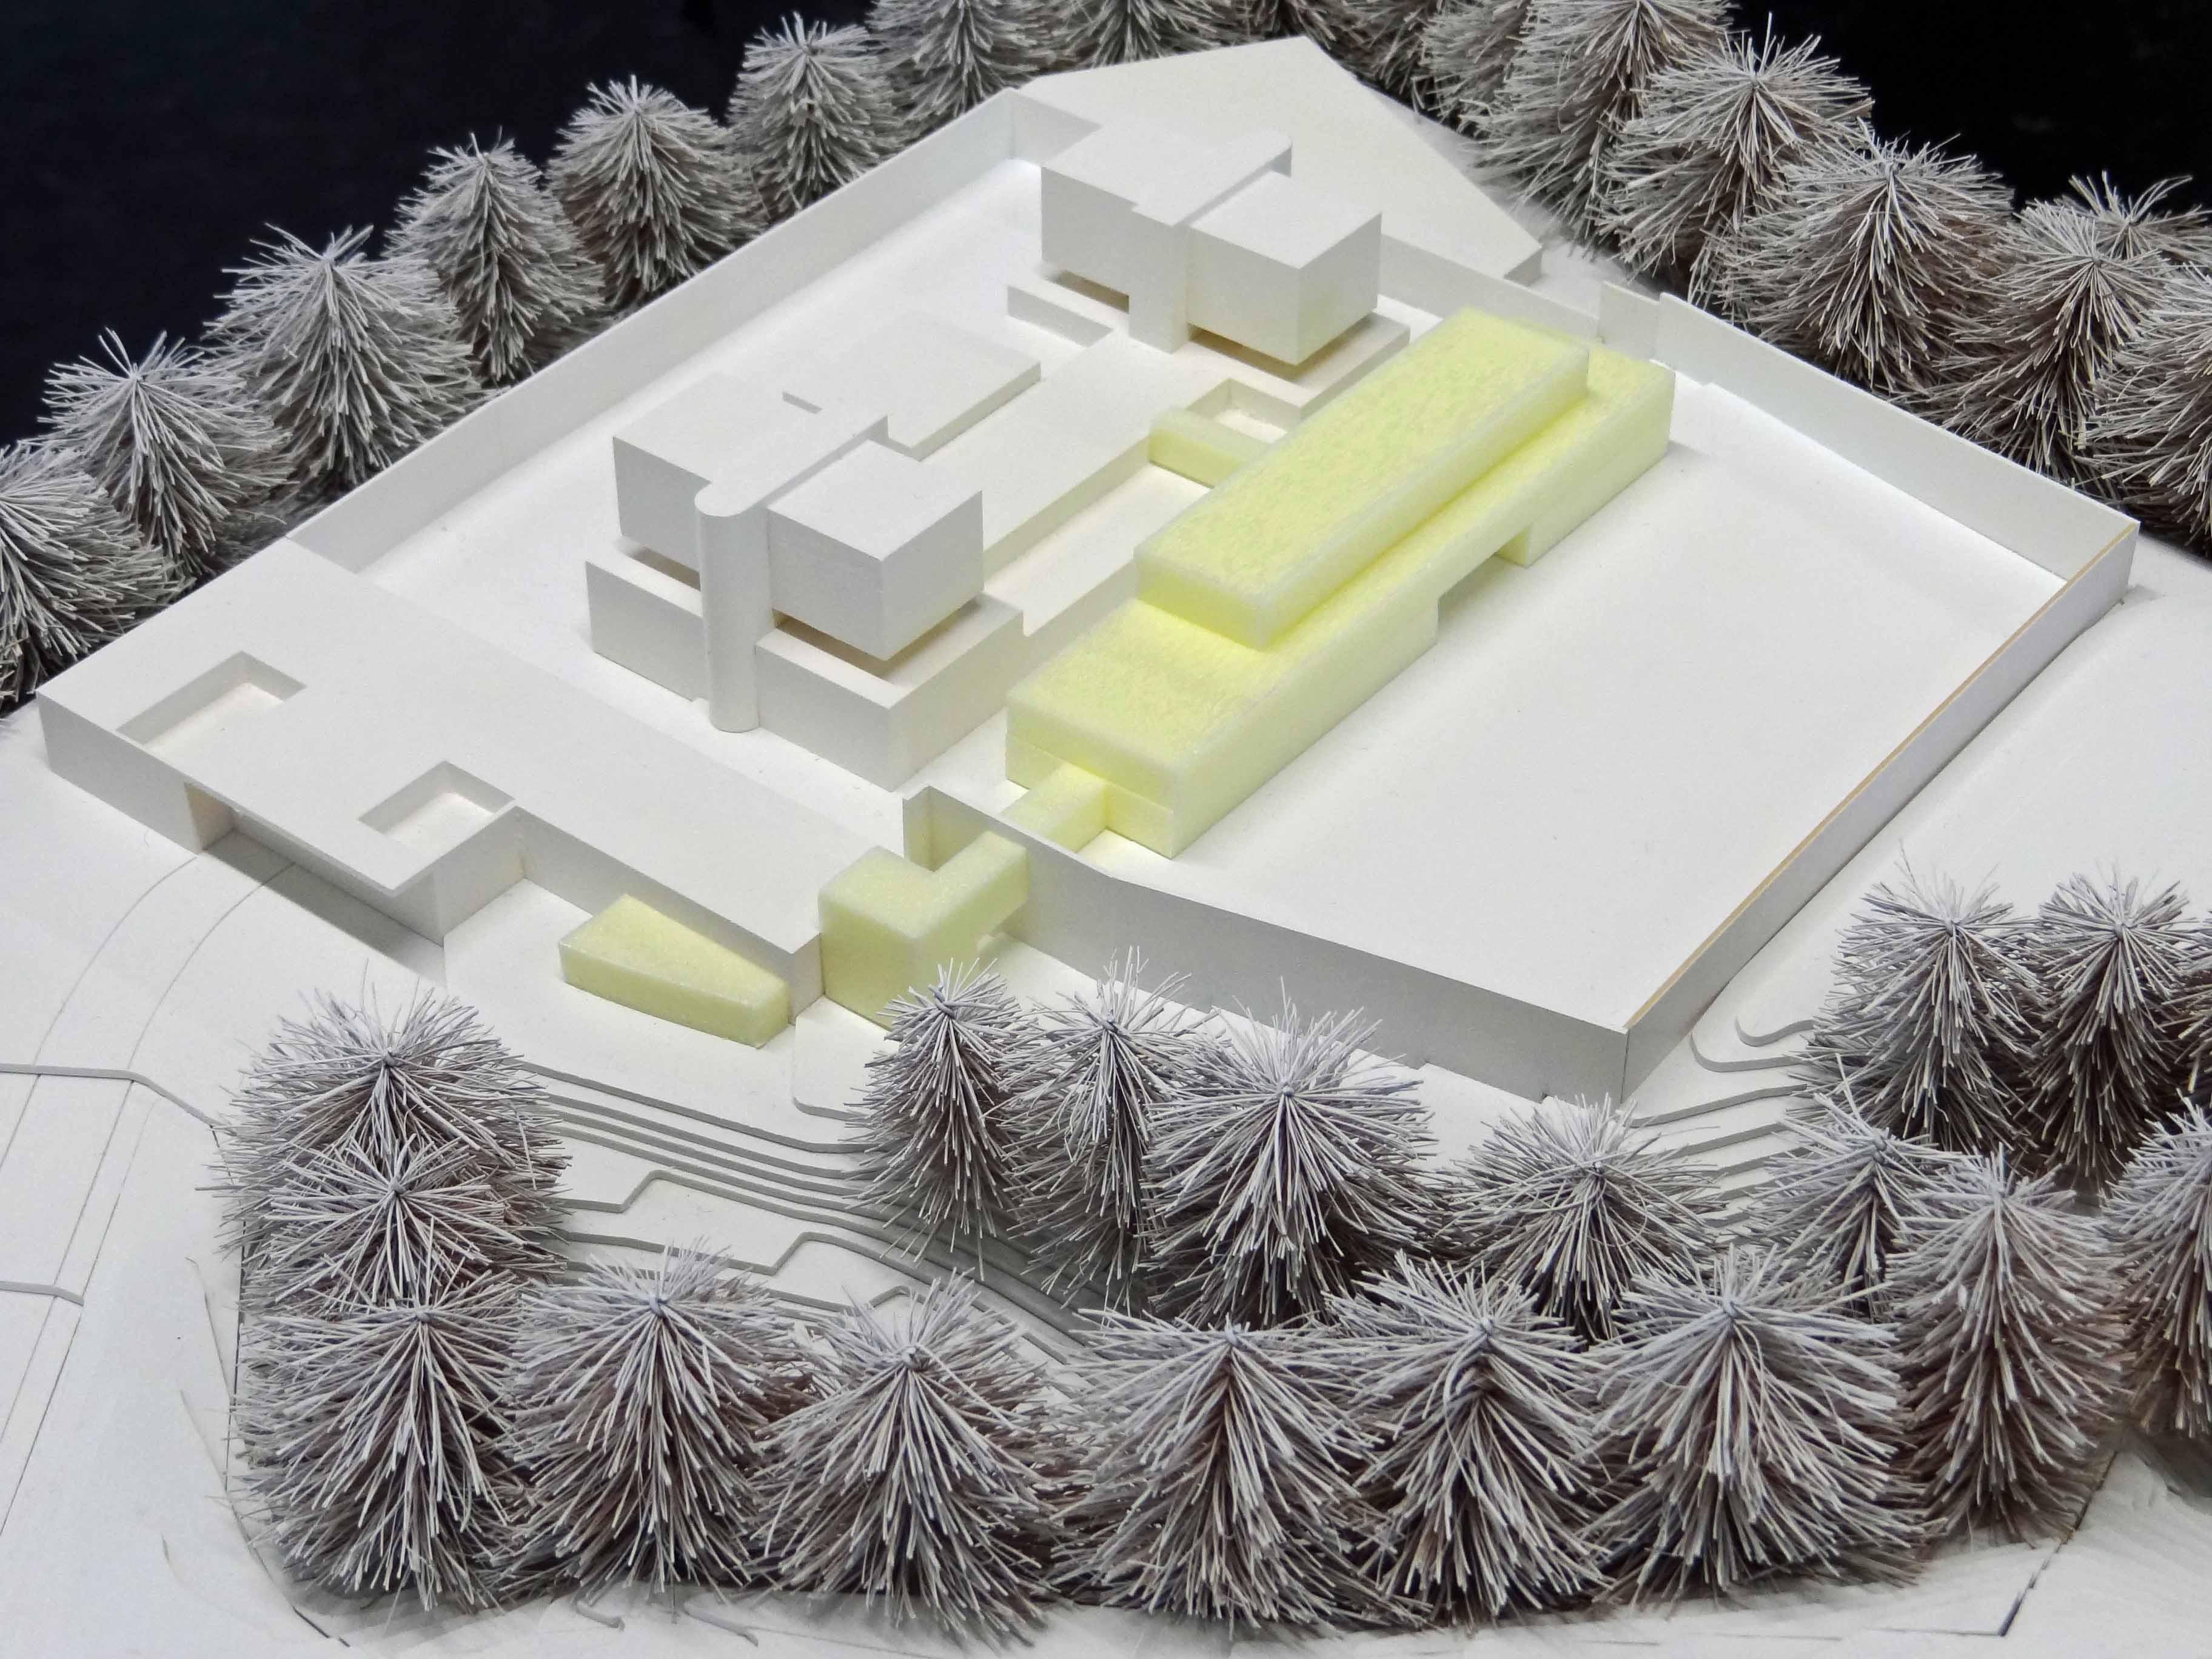 Modell der Justizvollzugsanstalt Bostadel